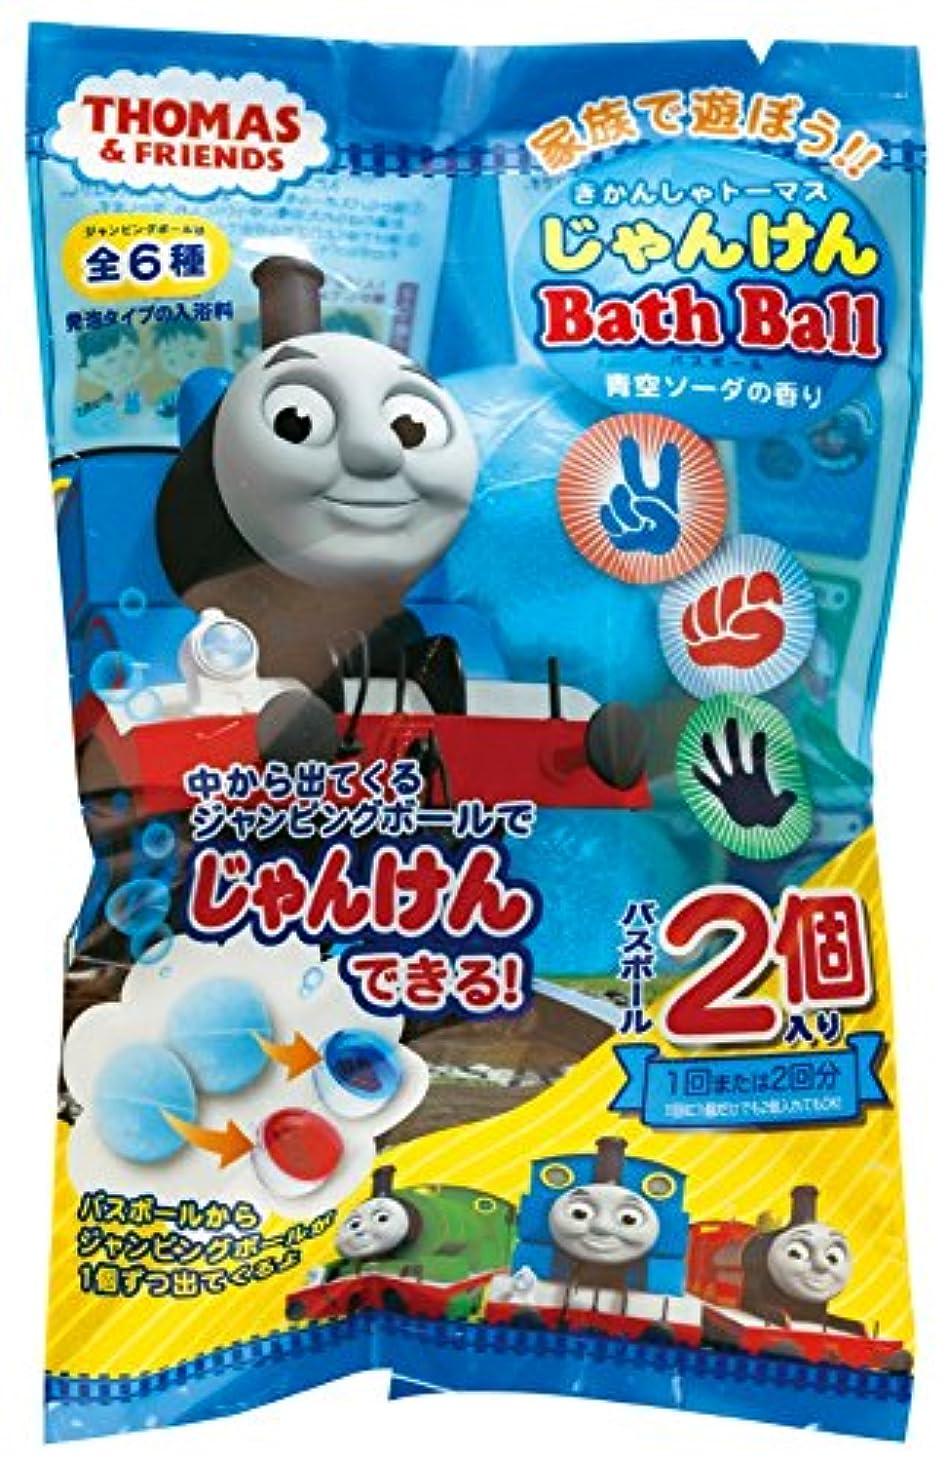 保証定説別にきかんしゃトーマス 入浴剤 じゃんけんバスボール 2個入り おまけ付き 青色ソーダの香り OB-TOB-4-1